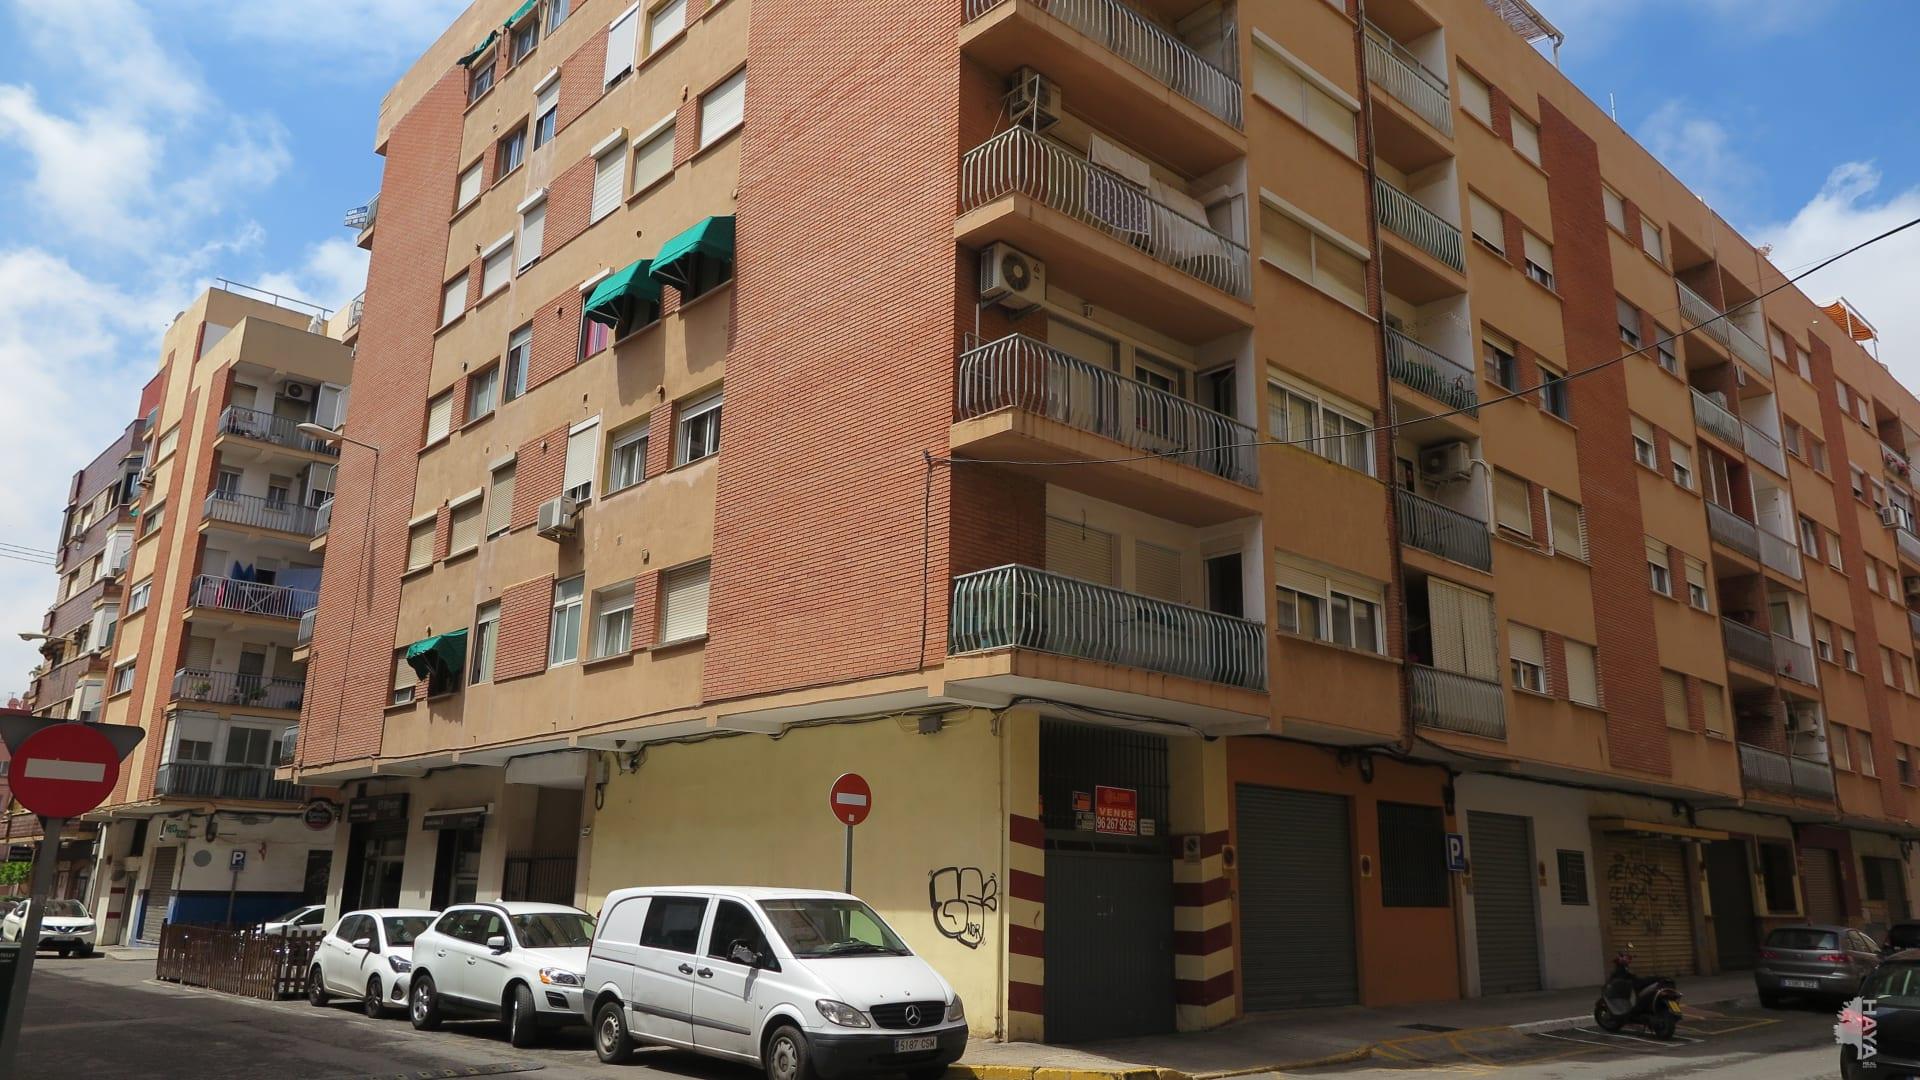 Piso en venta en El Port de Sagunt, Sagunto/sagunt, Valencia, Calle Barcelona, 76.440 €, 3 habitaciones, 1 baño, 100 m2